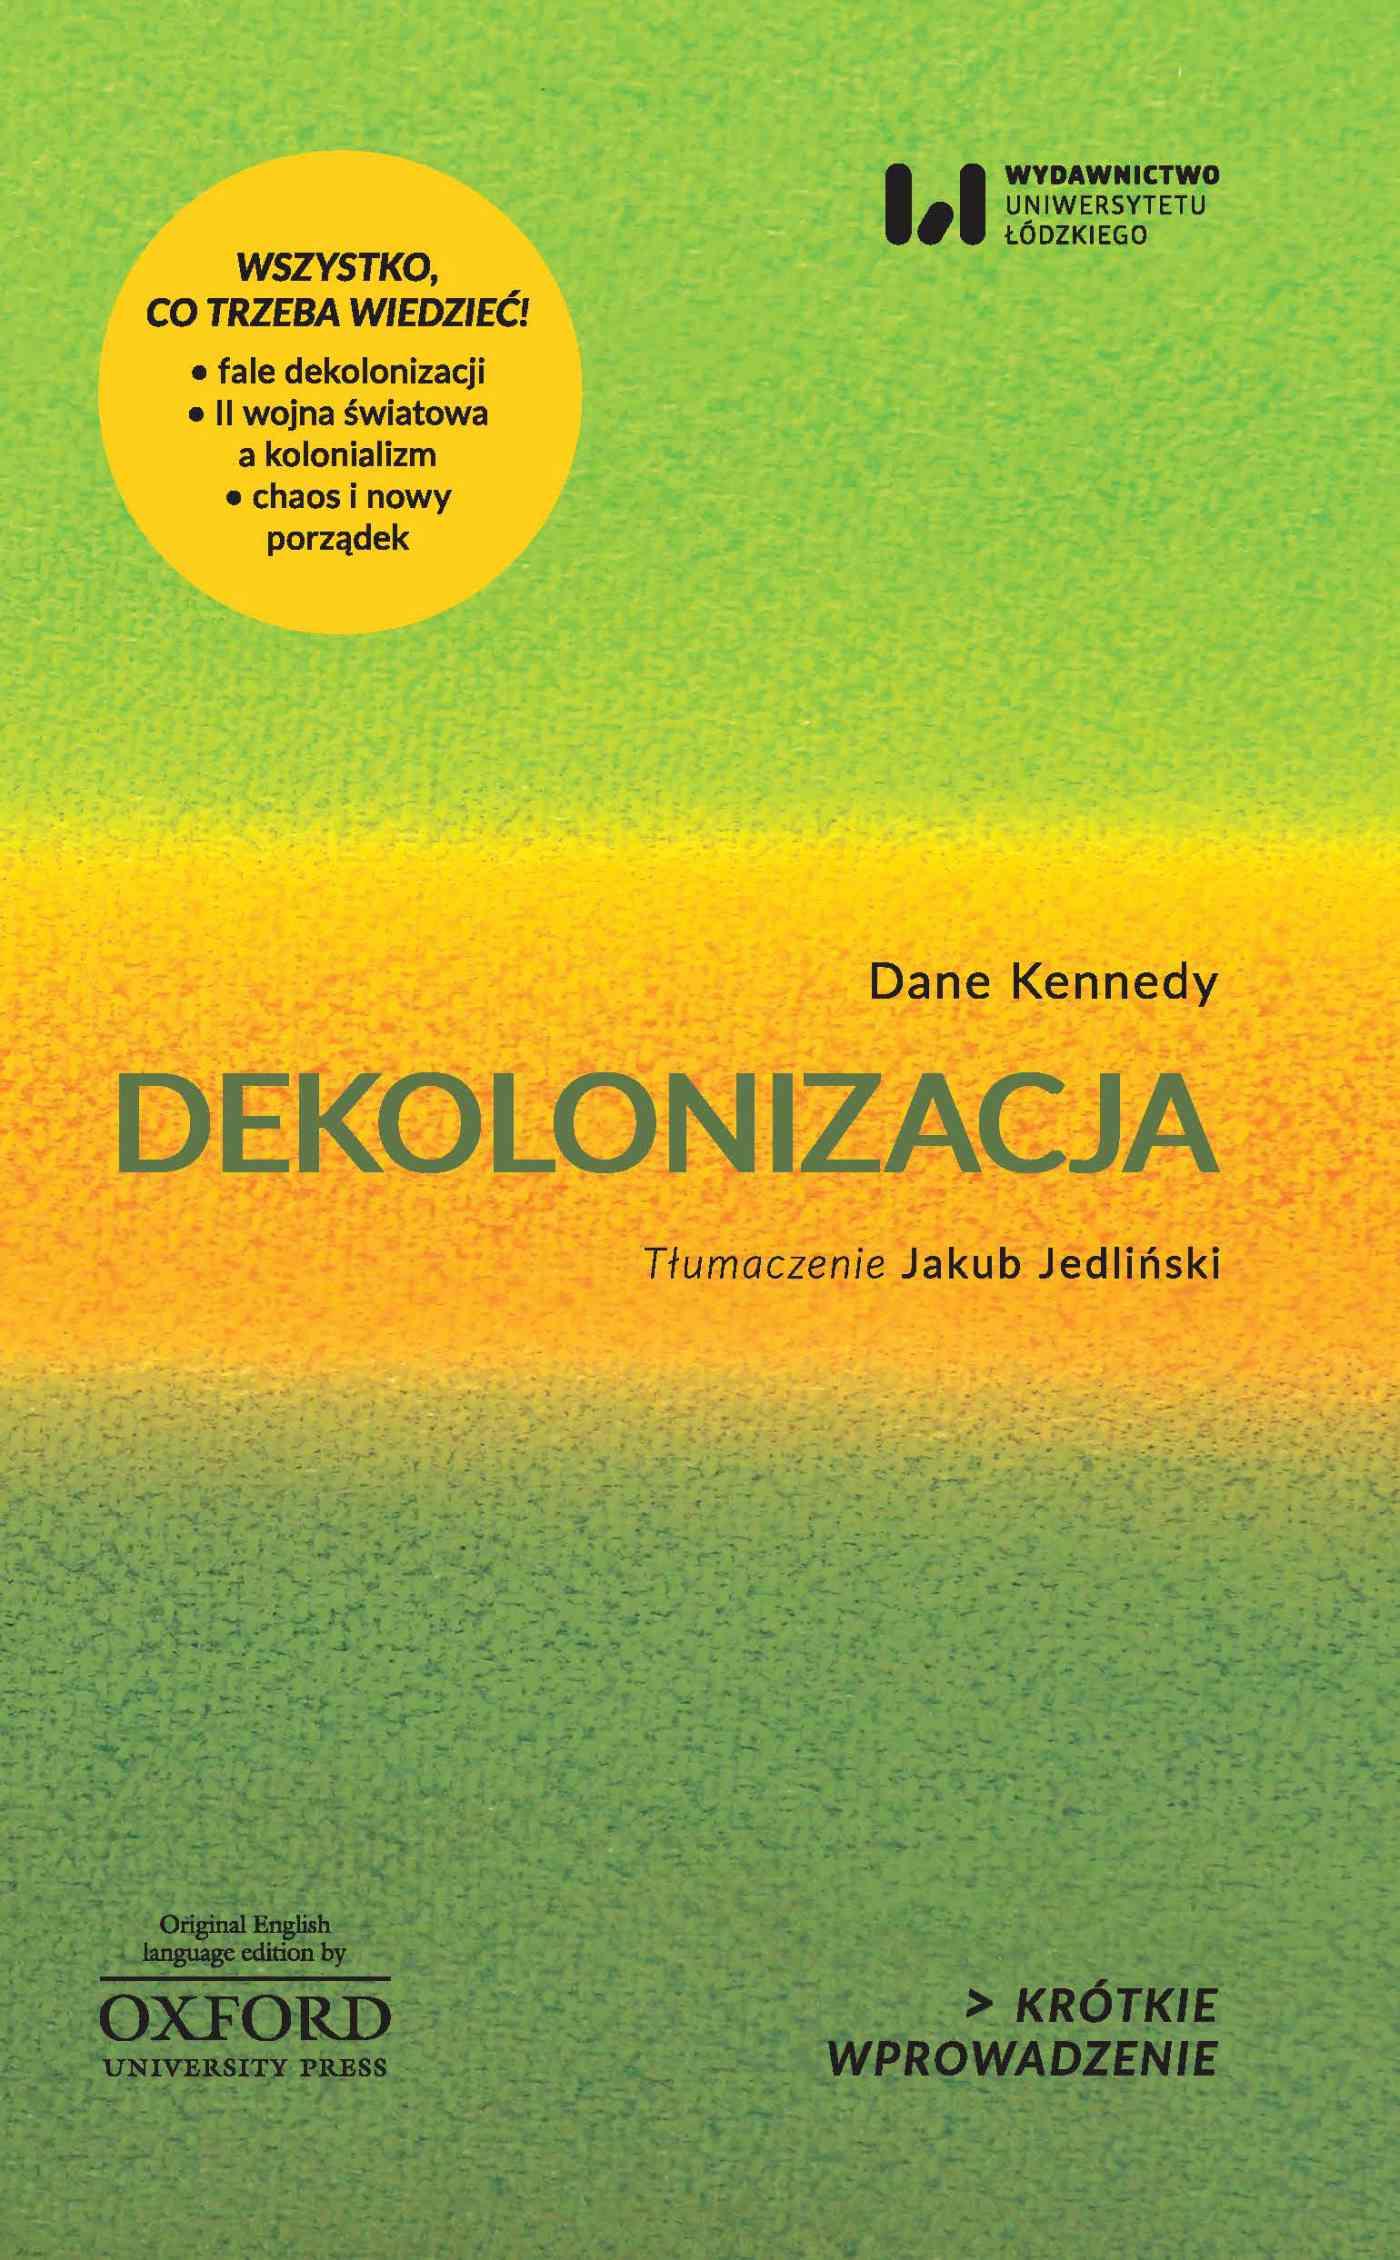 Dekolonizacja. Krótkie wprowadzenie 3 - Ebook (Książka EPUB) do pobrania w formacie EPUB